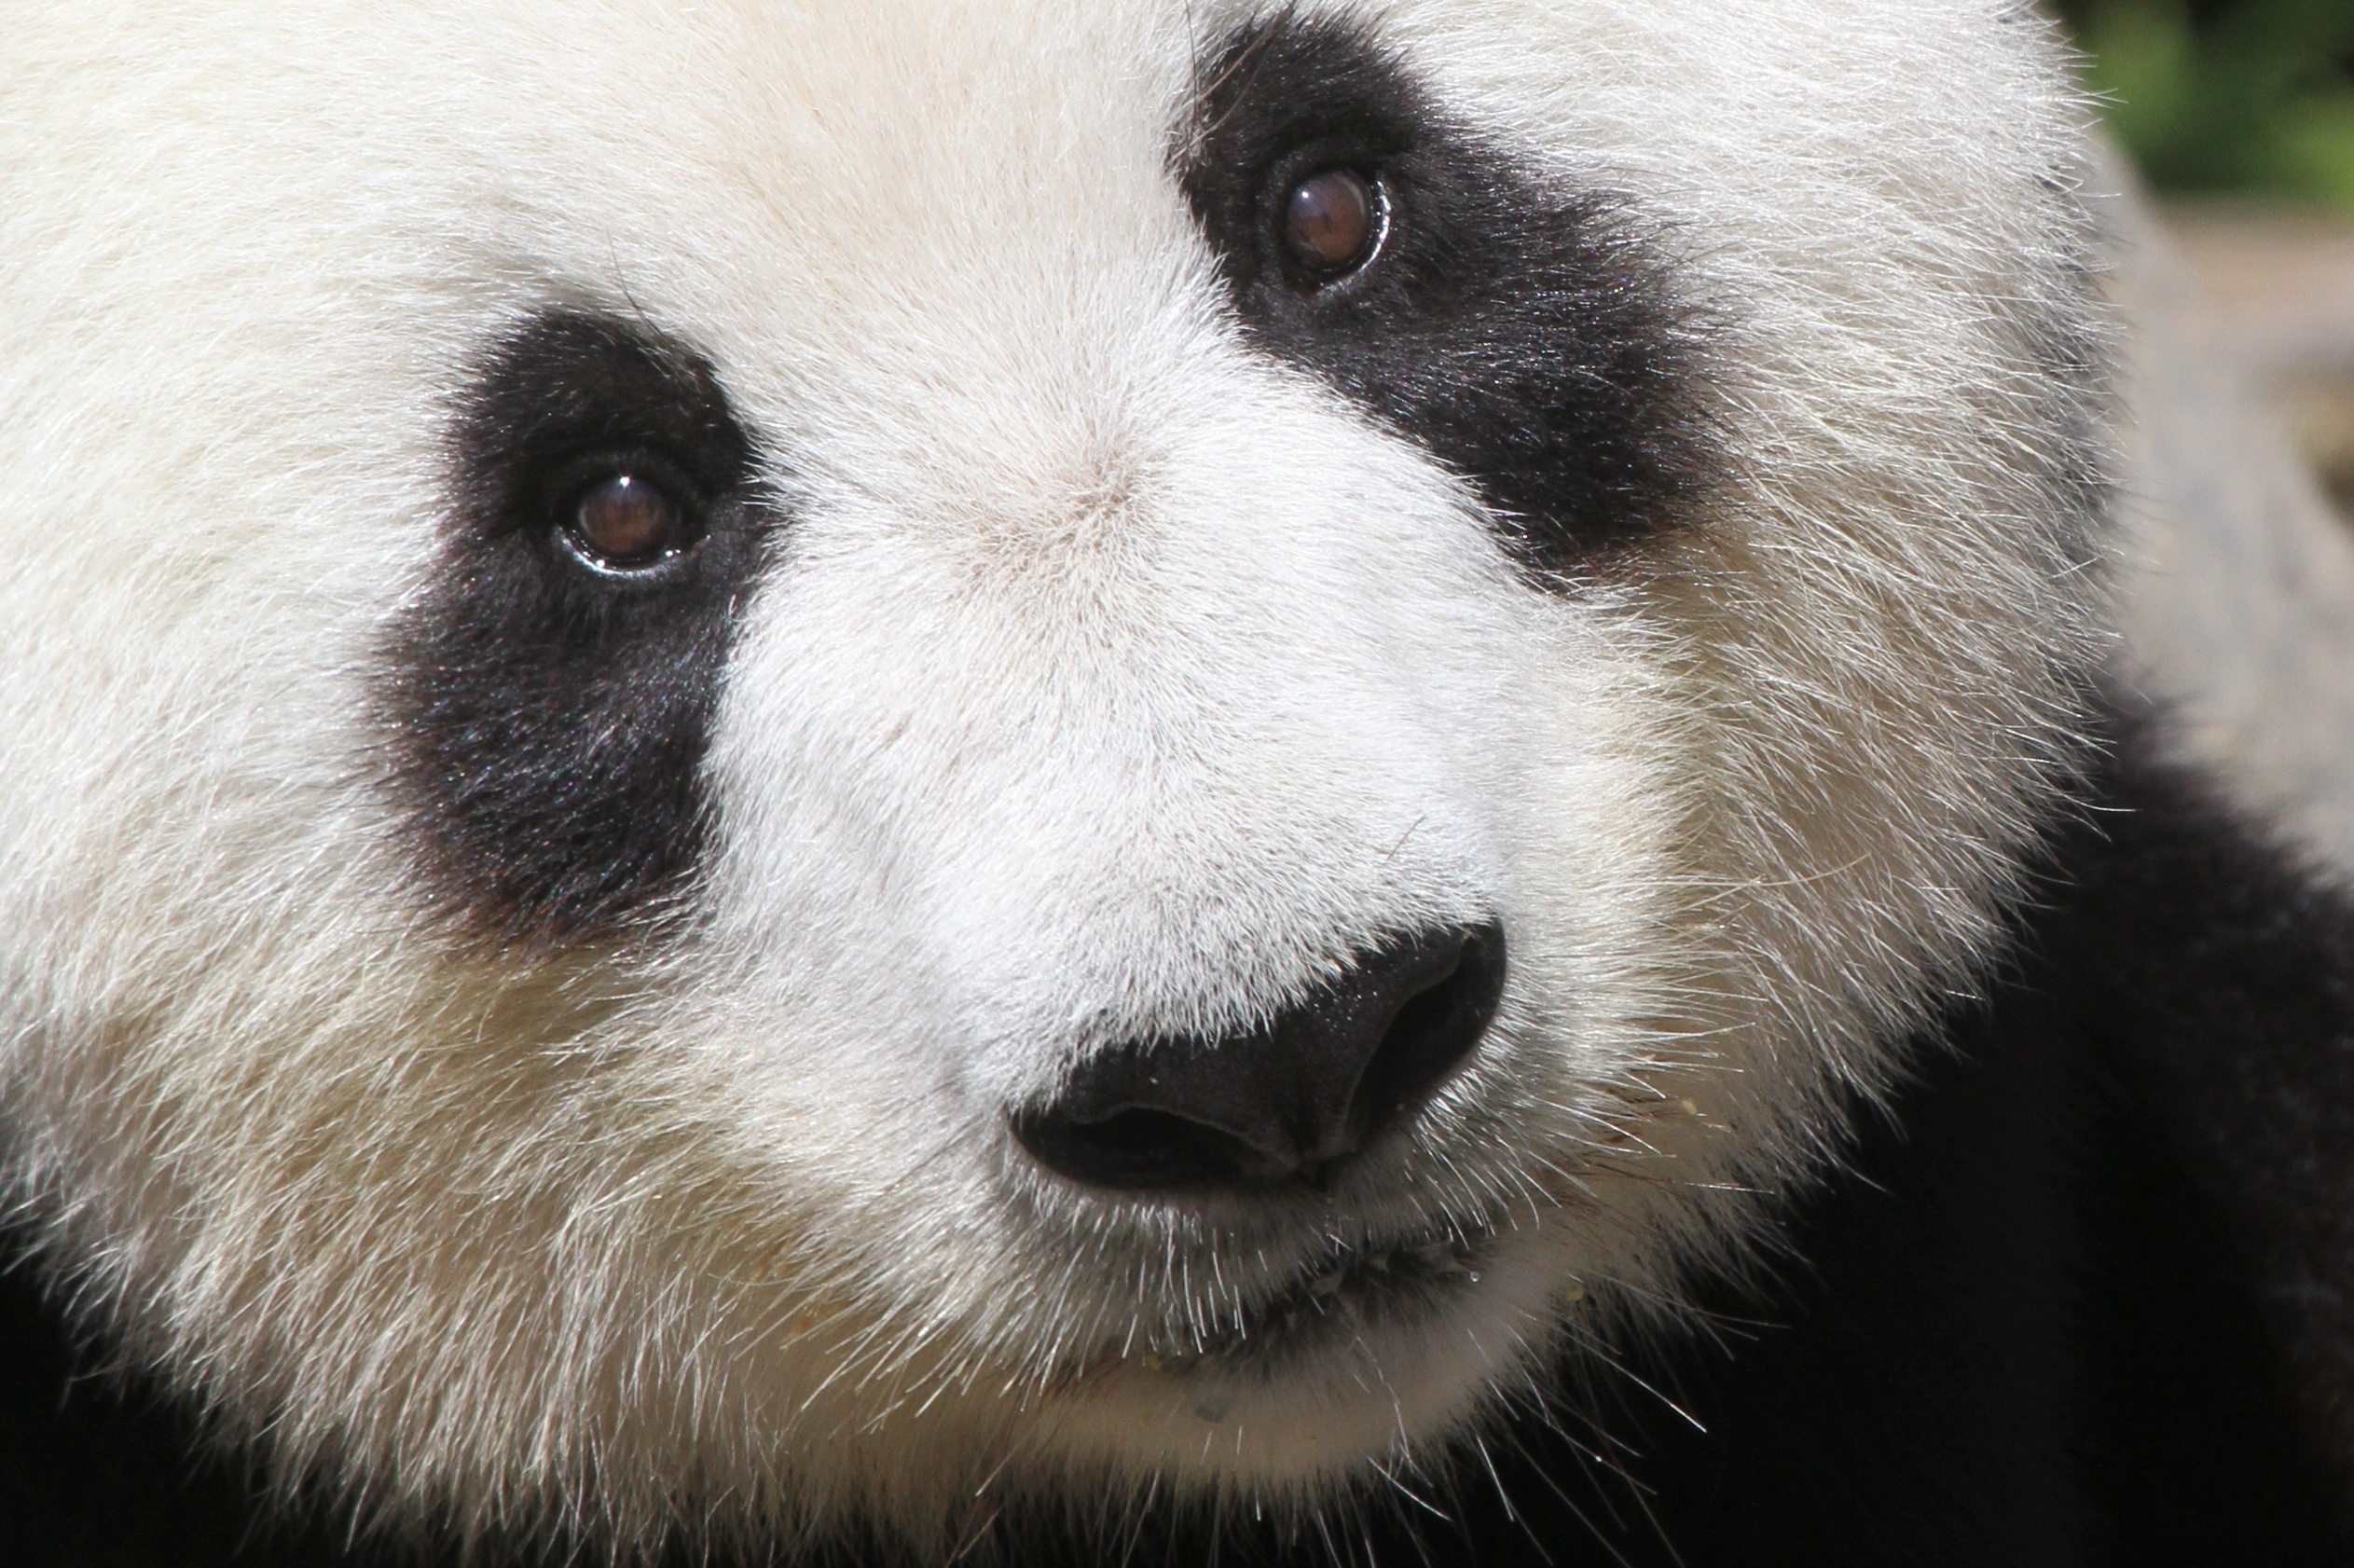 No cub for Fu Ni in 2016